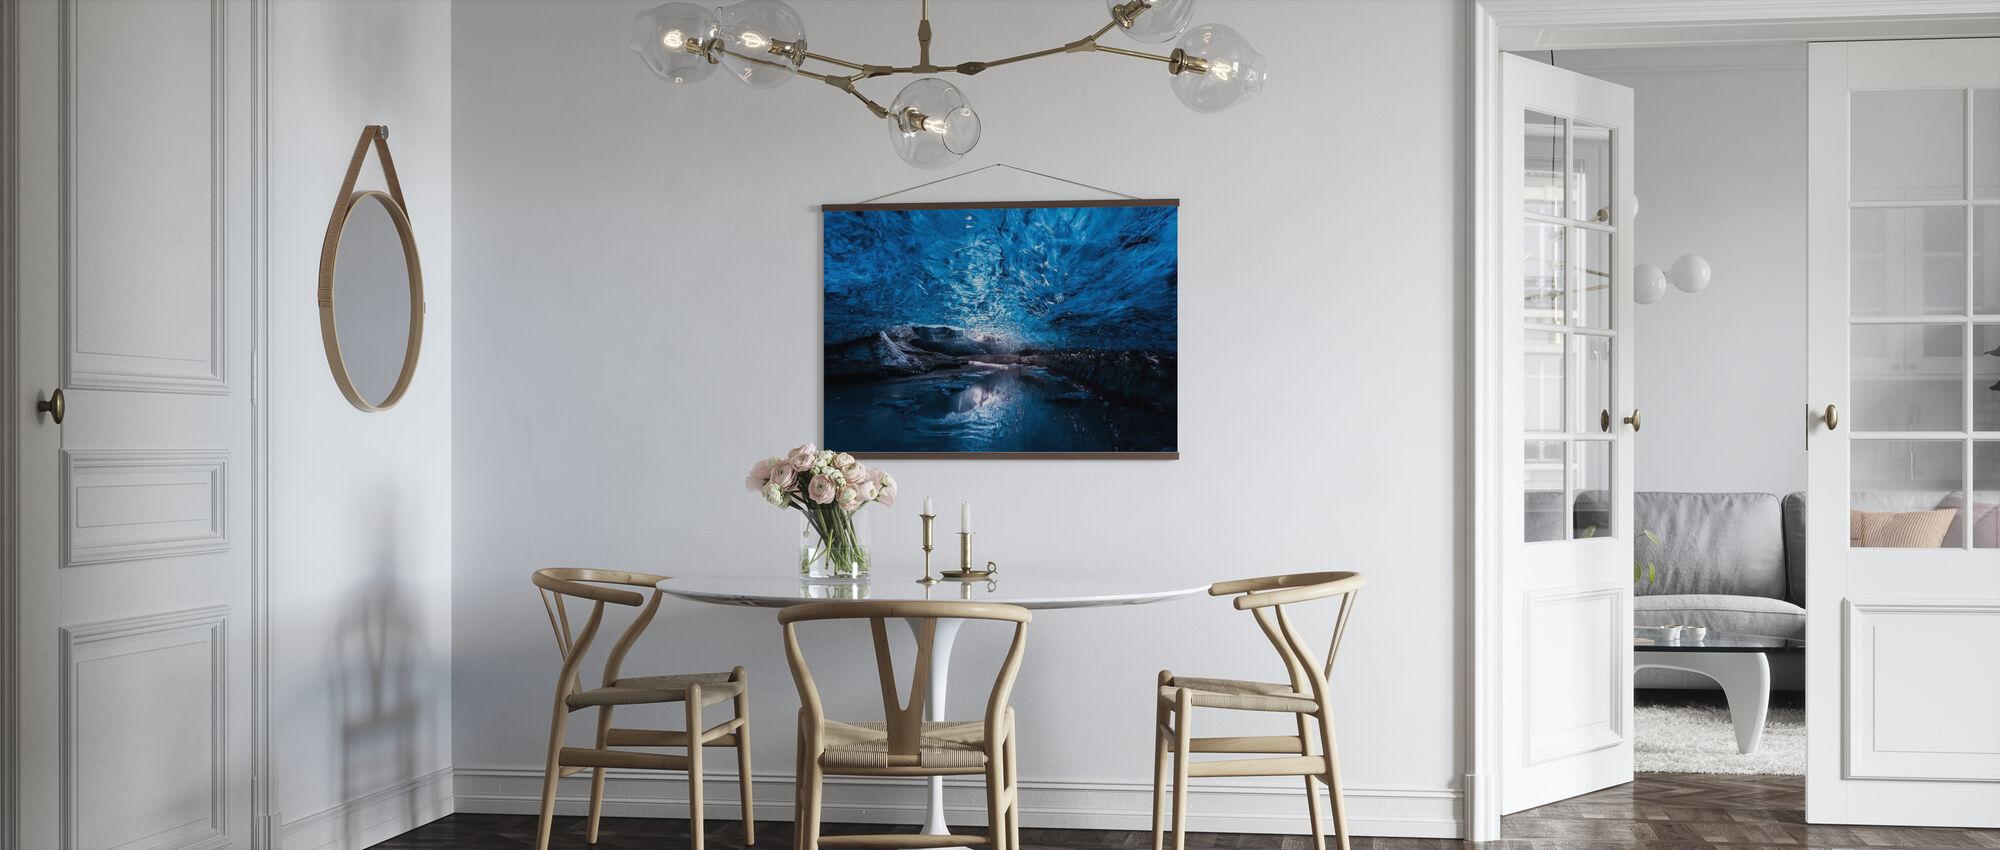 Deep Inside - Poster - Kitchen